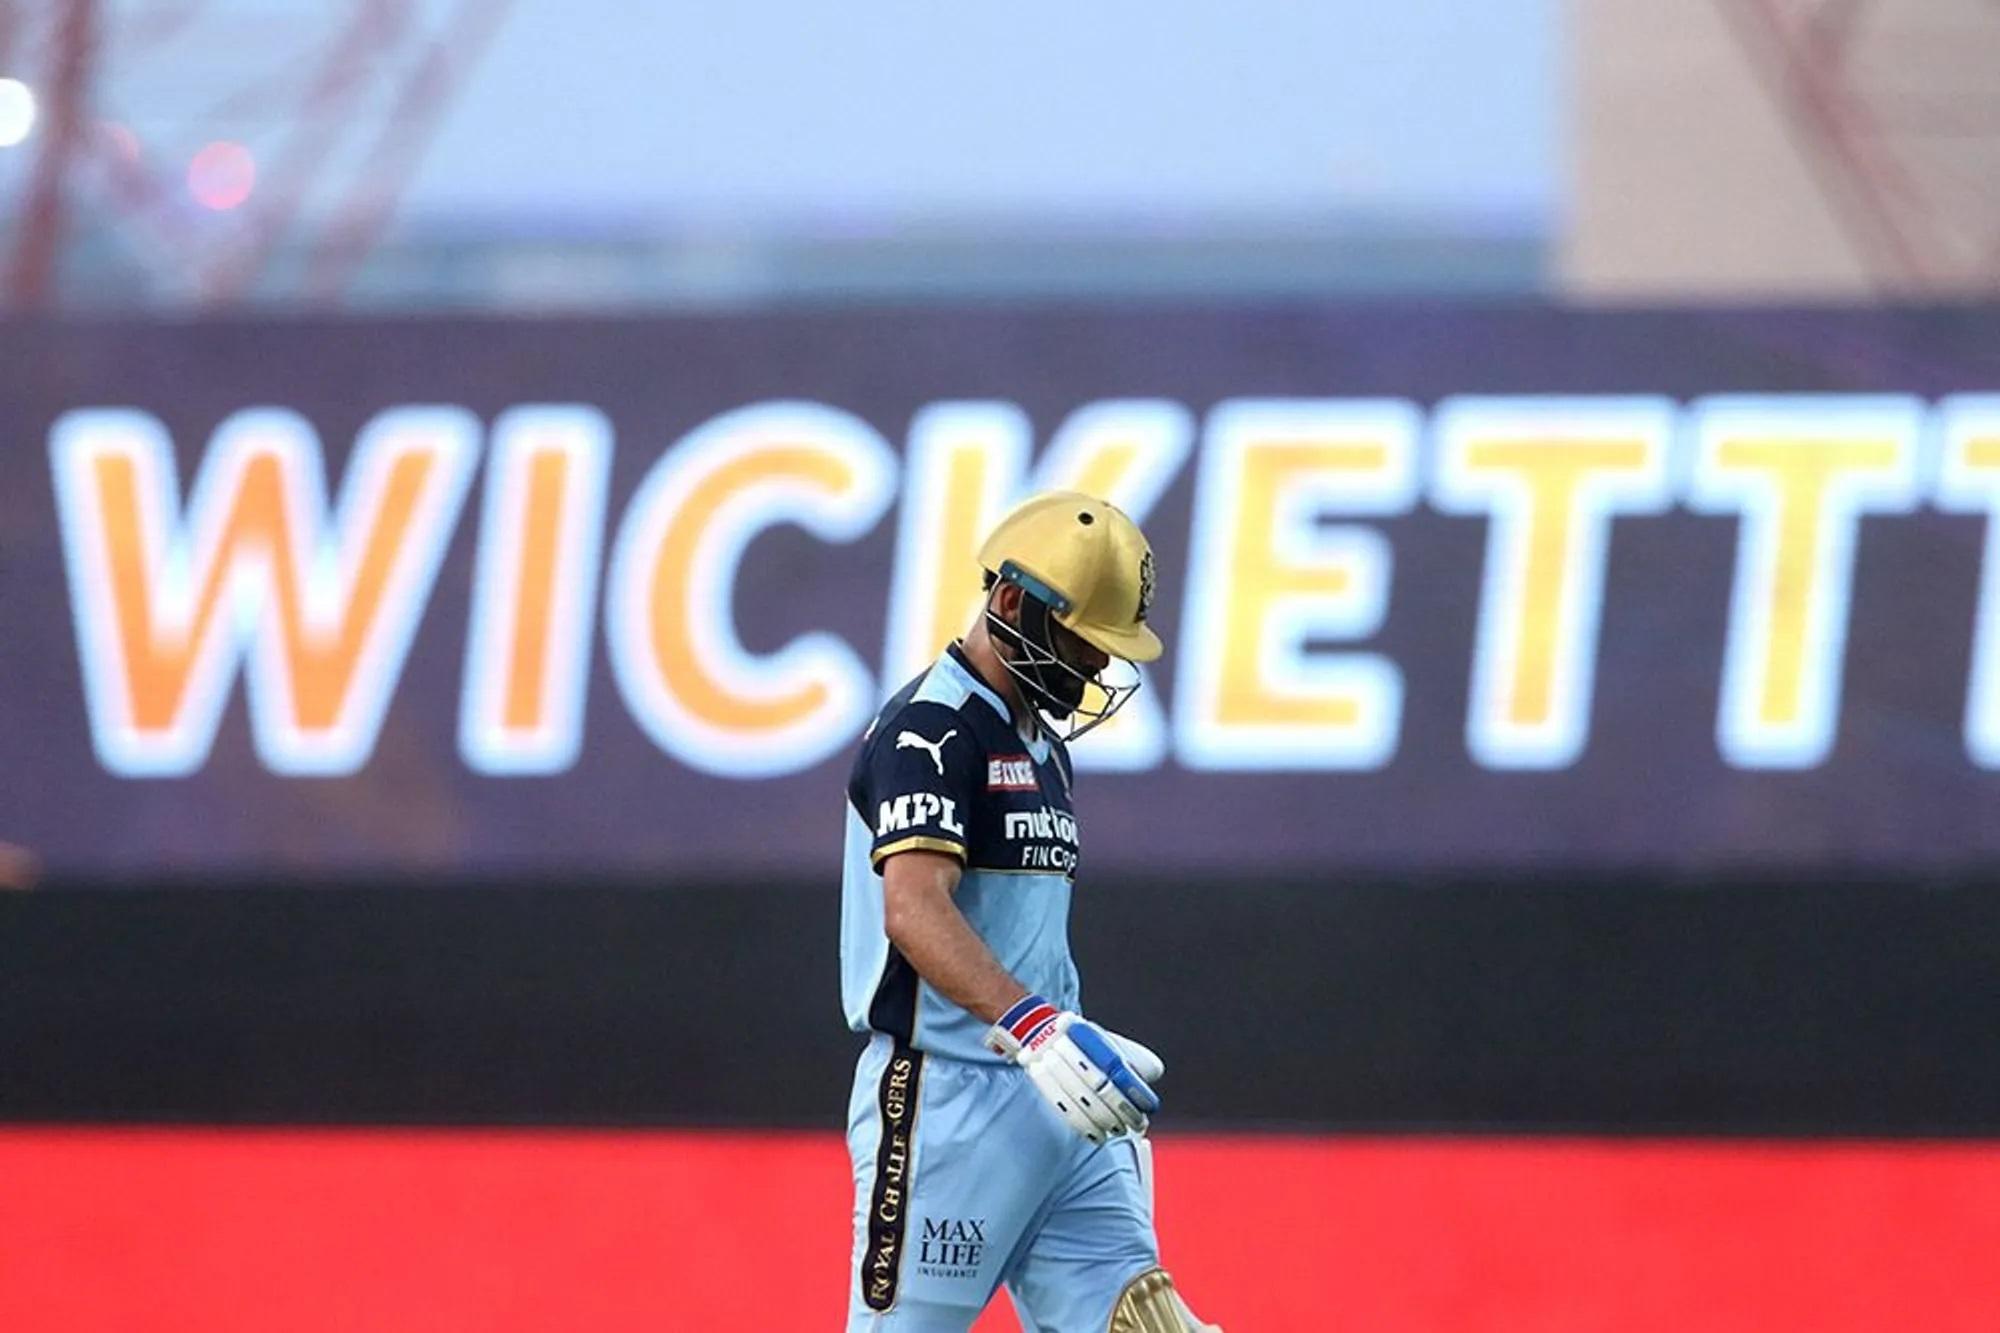 पहले T-20 फिर RCB की कप्तानी को छोड़ने का ऐलान करके टेंशन फ्री विराट कोहली सिर्फ 4 गेंद खेल पाए। चौथी गेंद पर ही वो LBW यानी लेग बिफोर विकेट आउट हो गए, लेकिन उन्हें भरोसा नहीं हुआ। उन्होंने अंपायर के फैसले को चैलेंज किया फिर विकेट भी गया और रिव्यू भी।